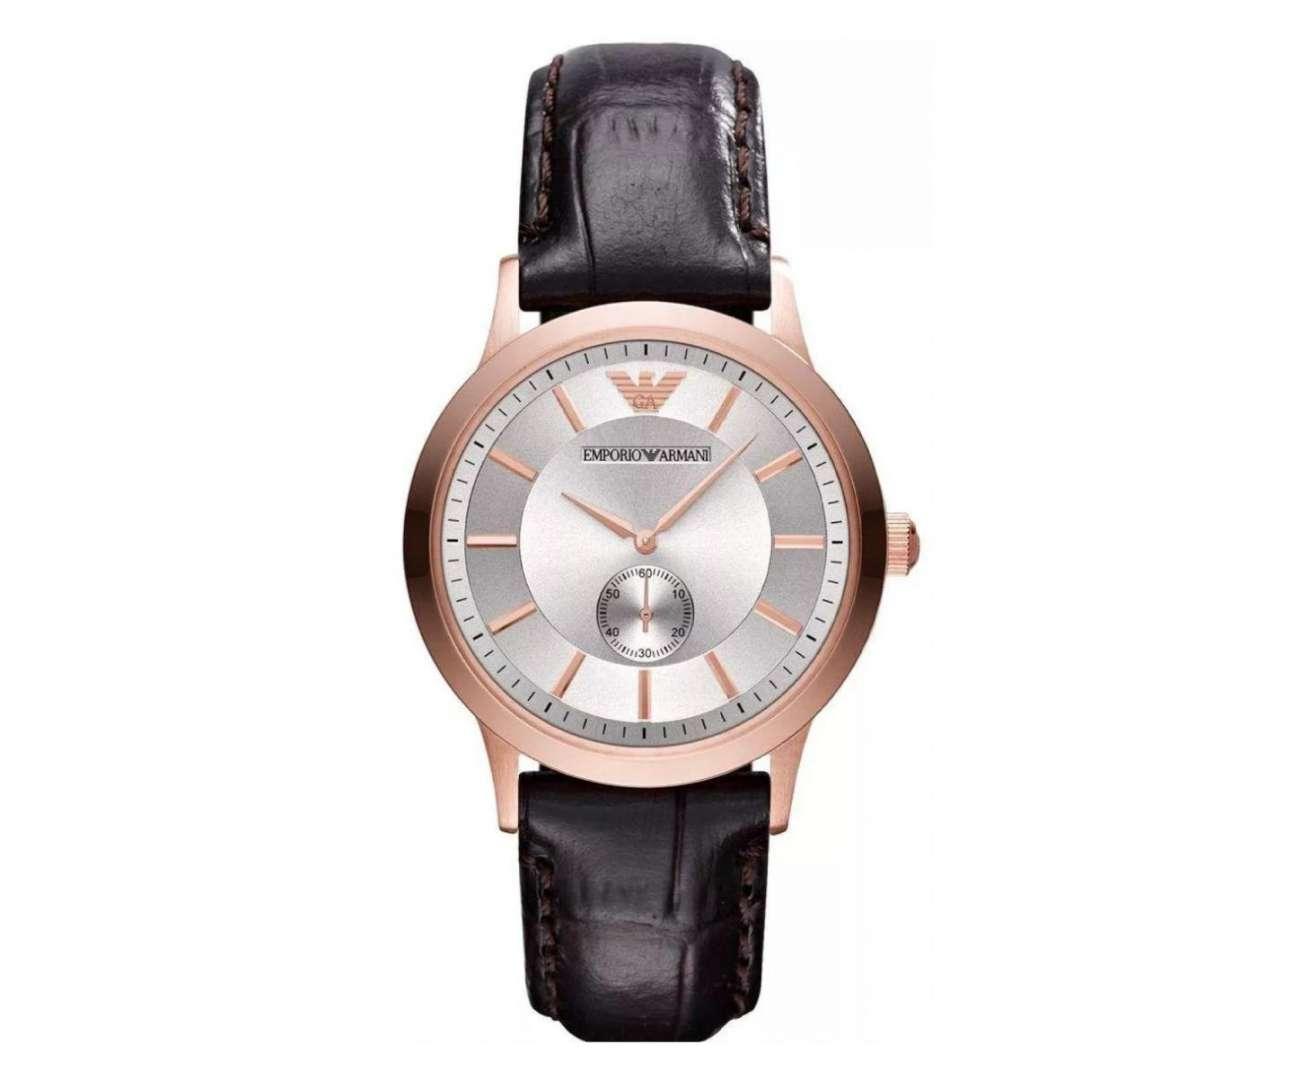 שעון יד אנלוגי לאישה emporio armani ar9101l אמפוריו ארמני